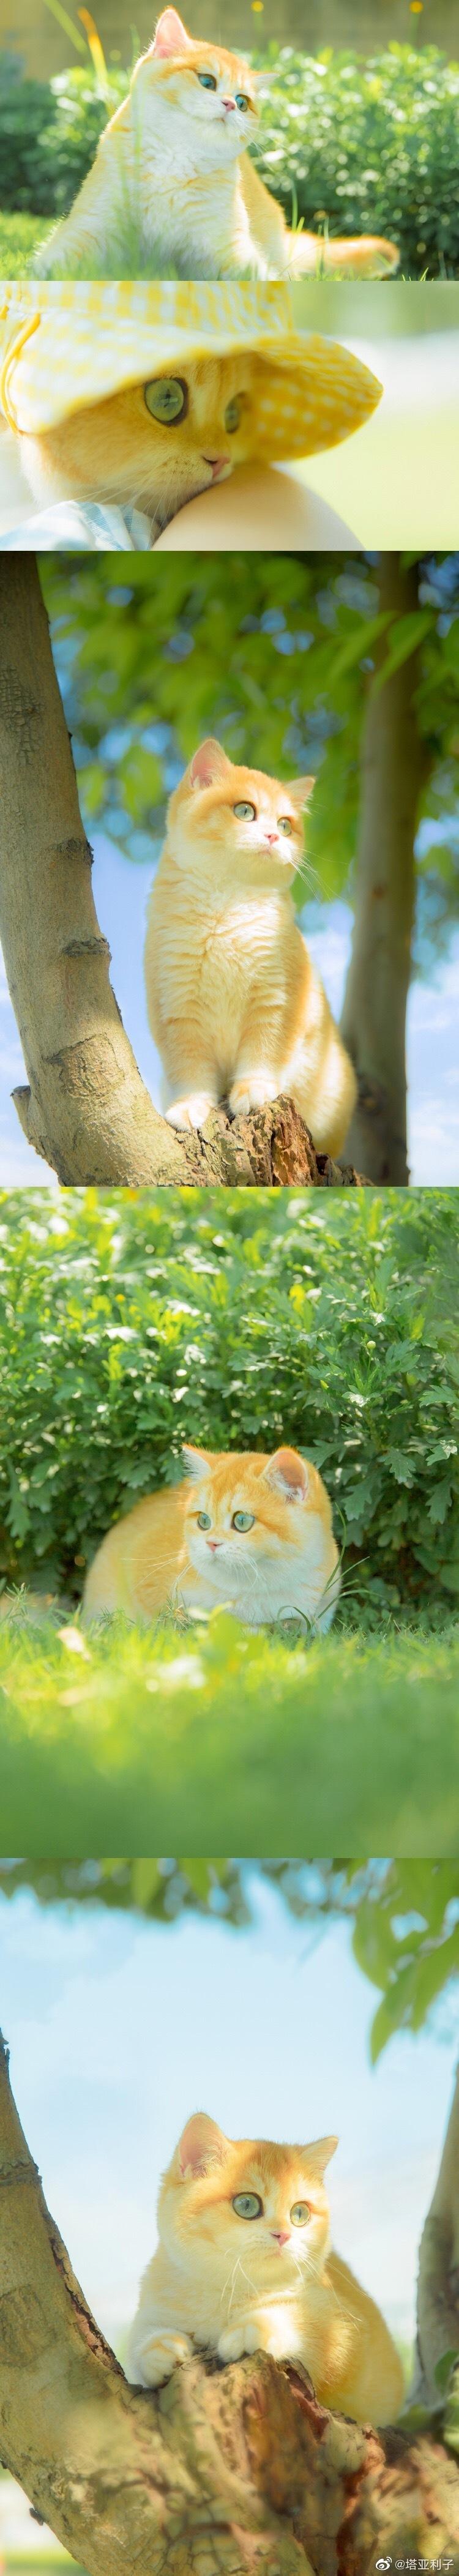 《迪士尼在逃公主猫》 @塔亚利子